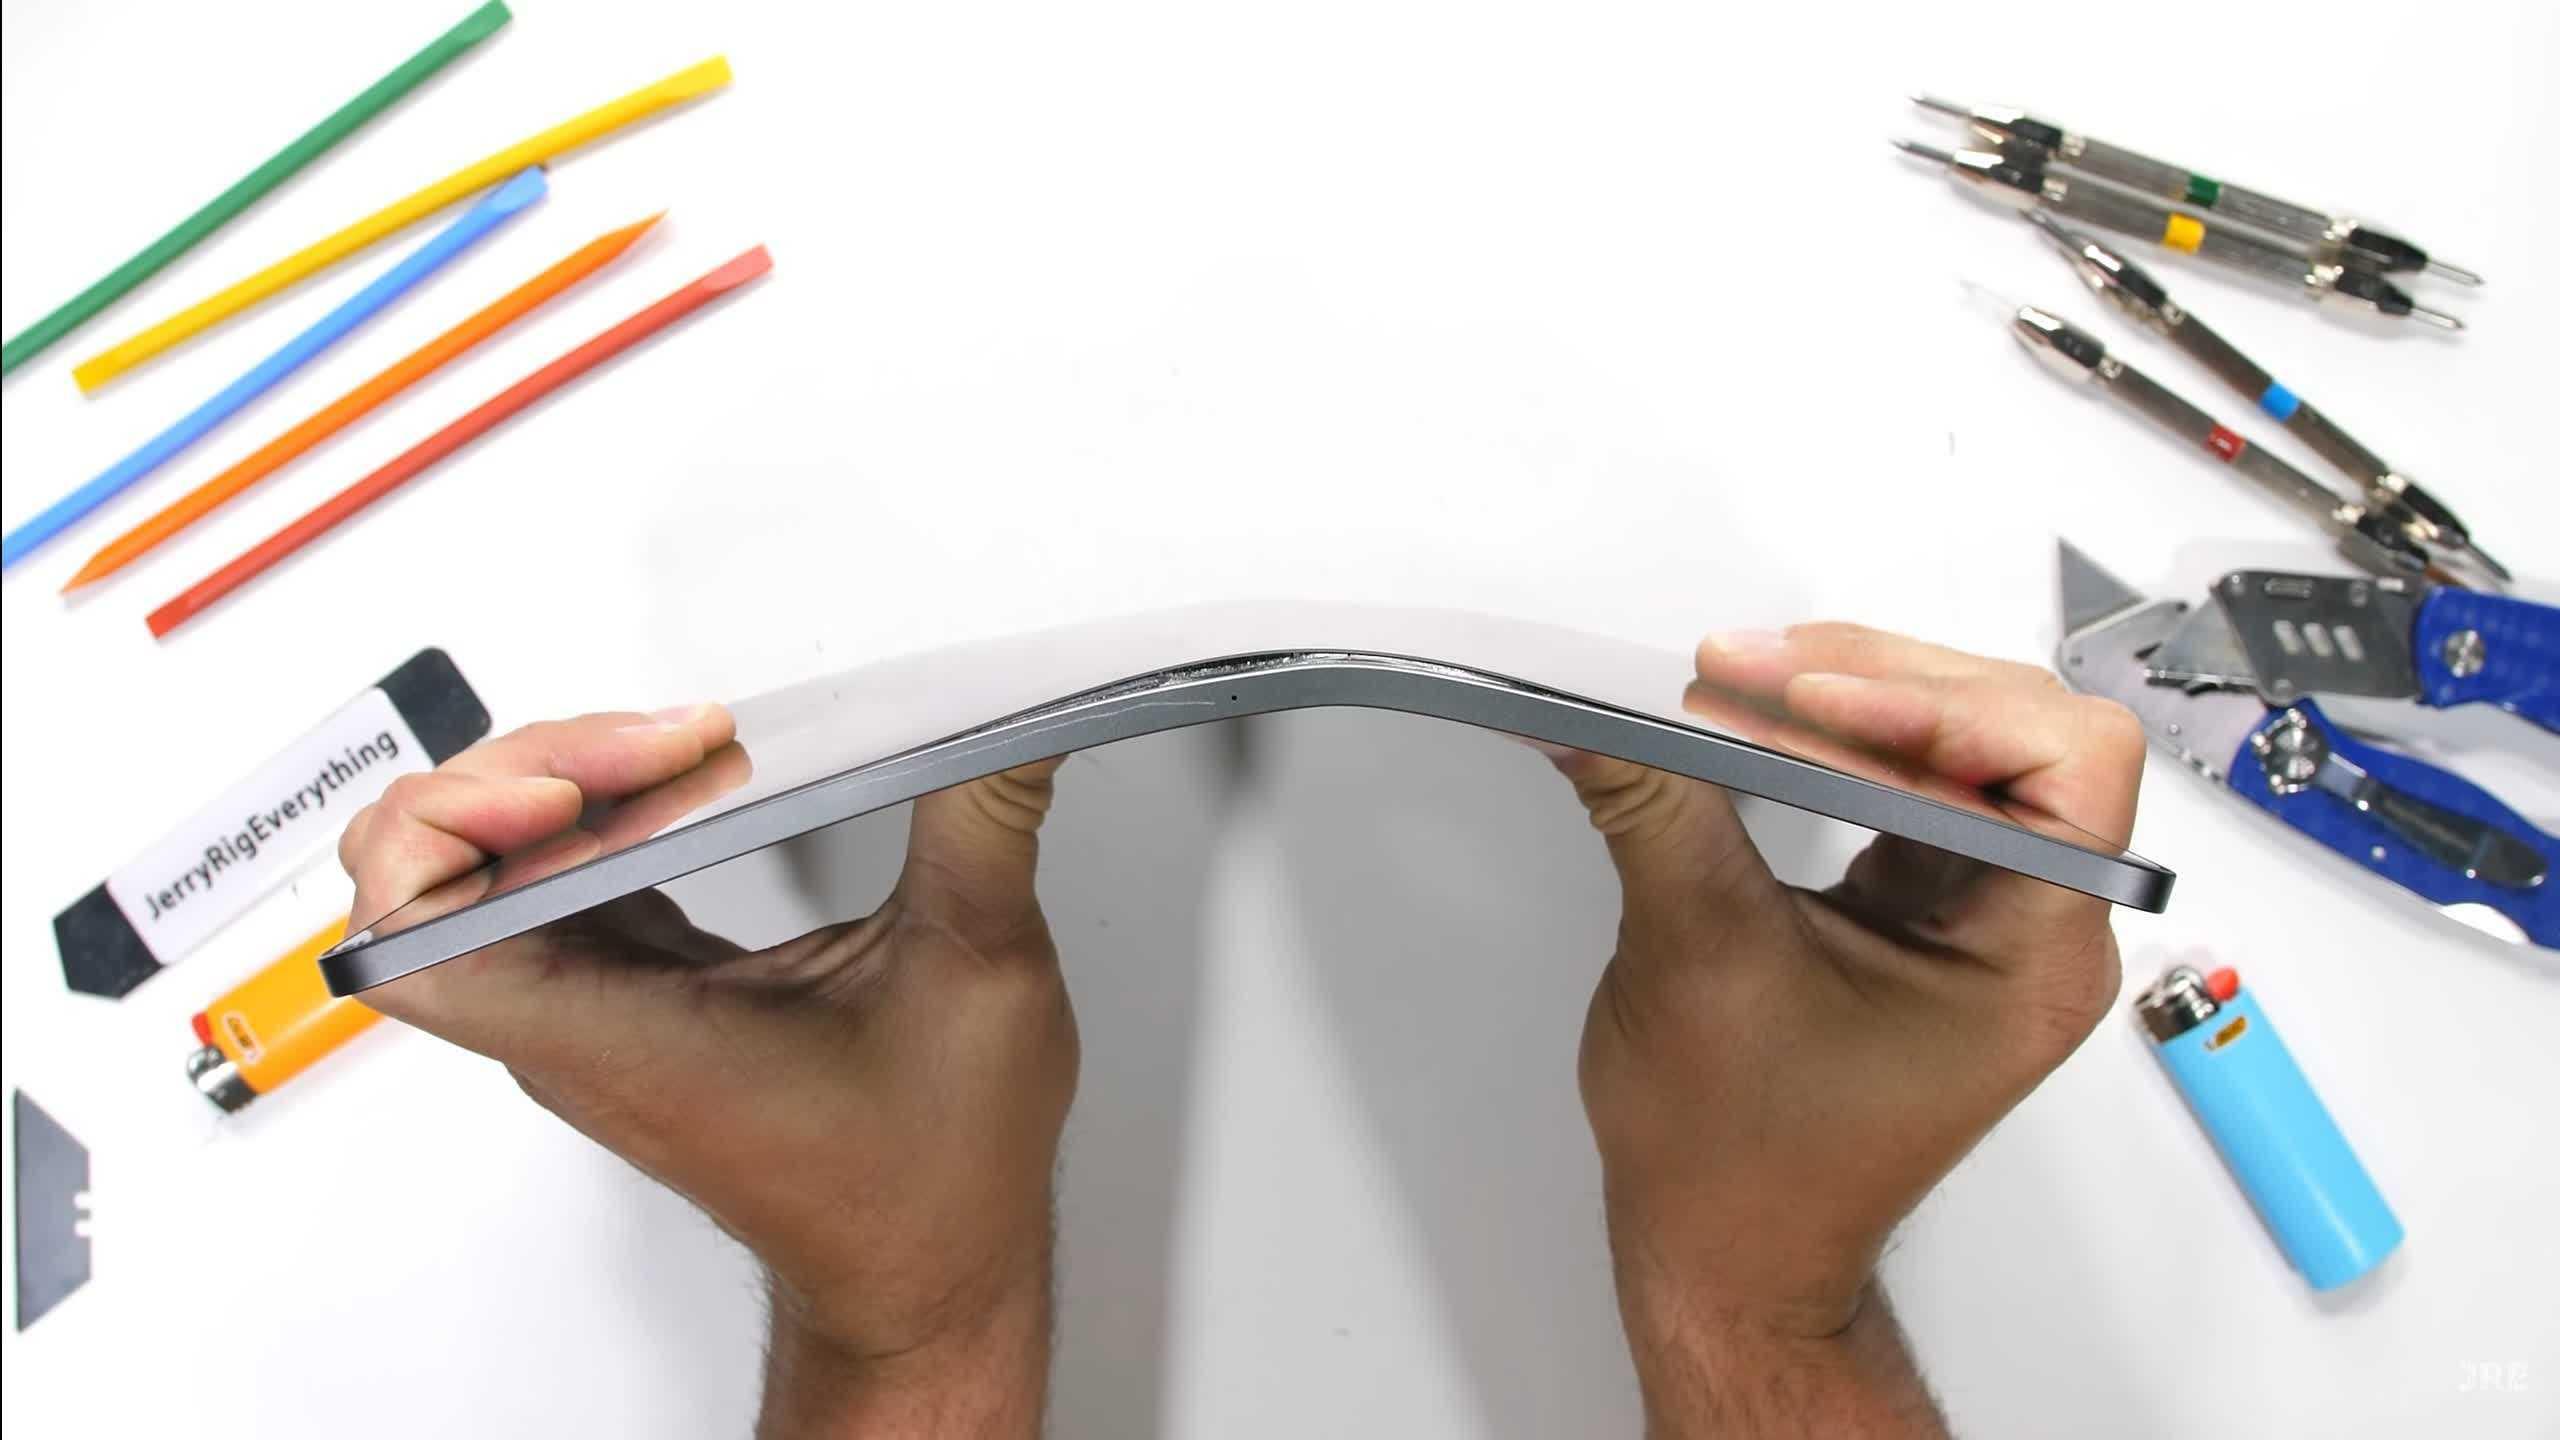 LiPad Pro alimente par M1 dApple gere assez bien les